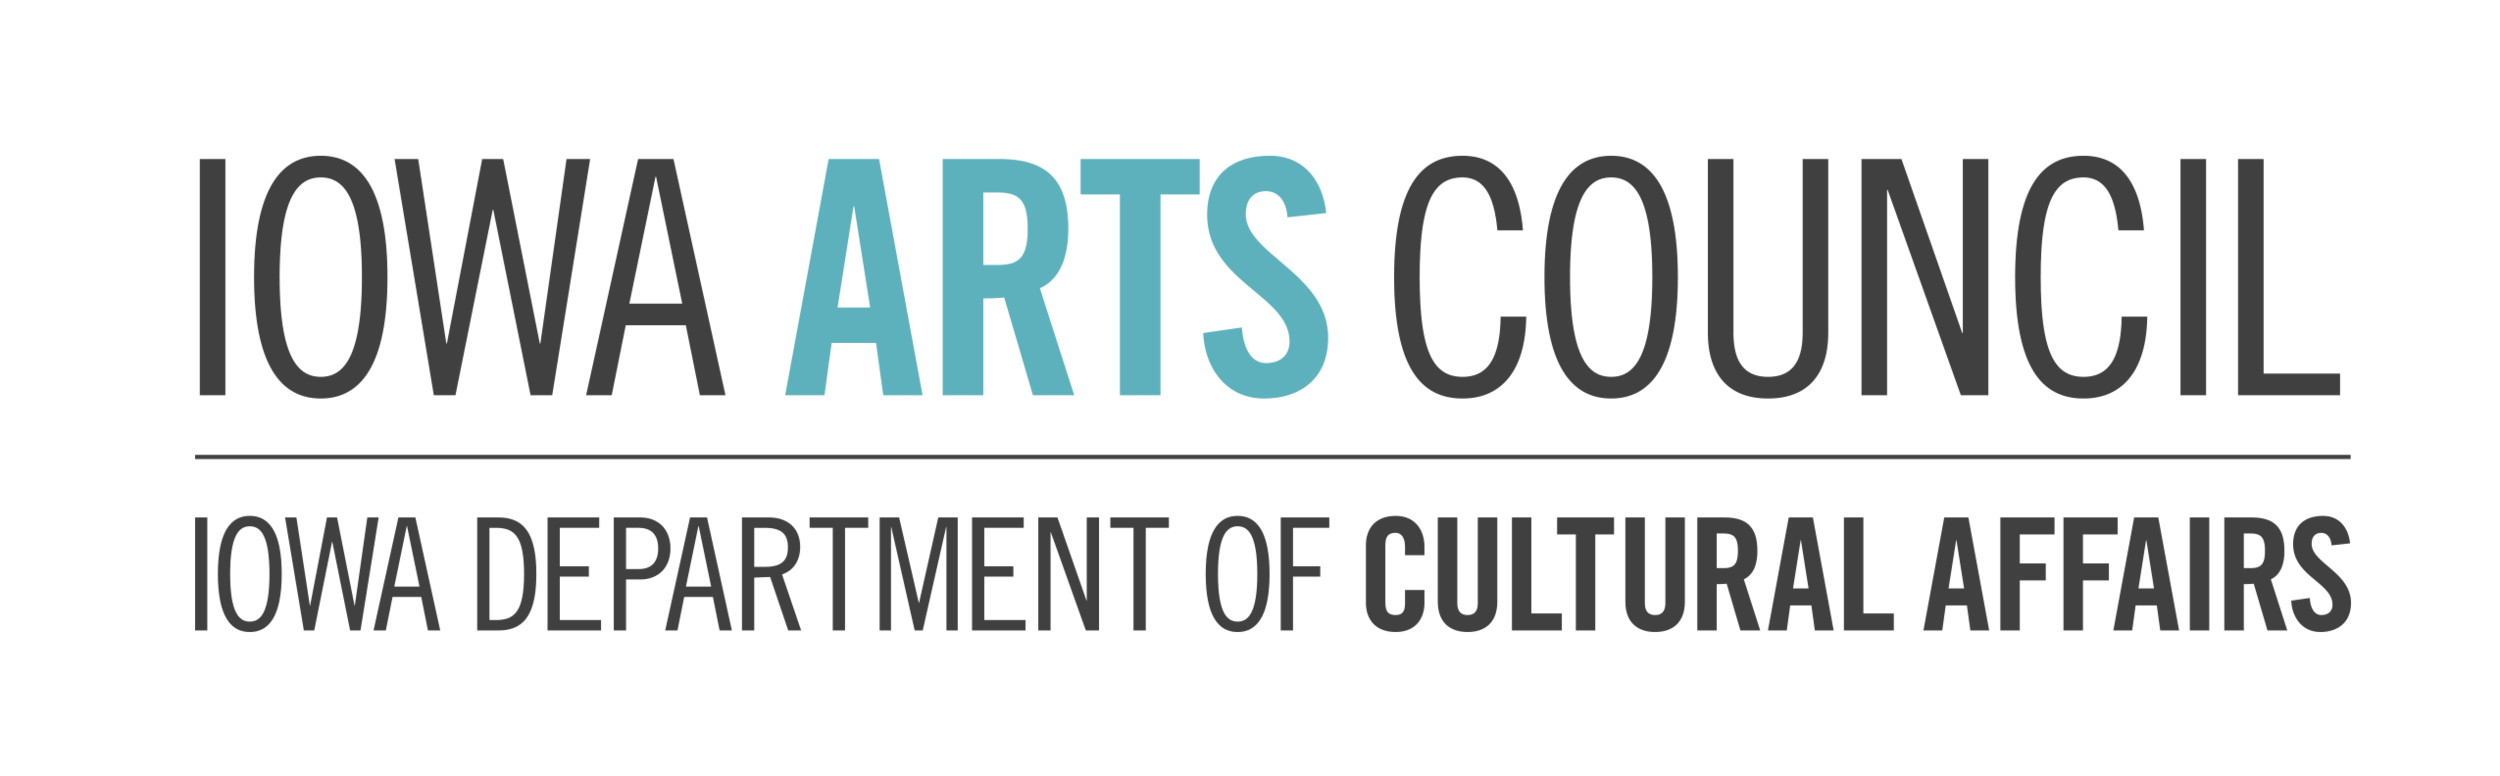 IDCA Iowa Arts Council (COLOR RGB).png